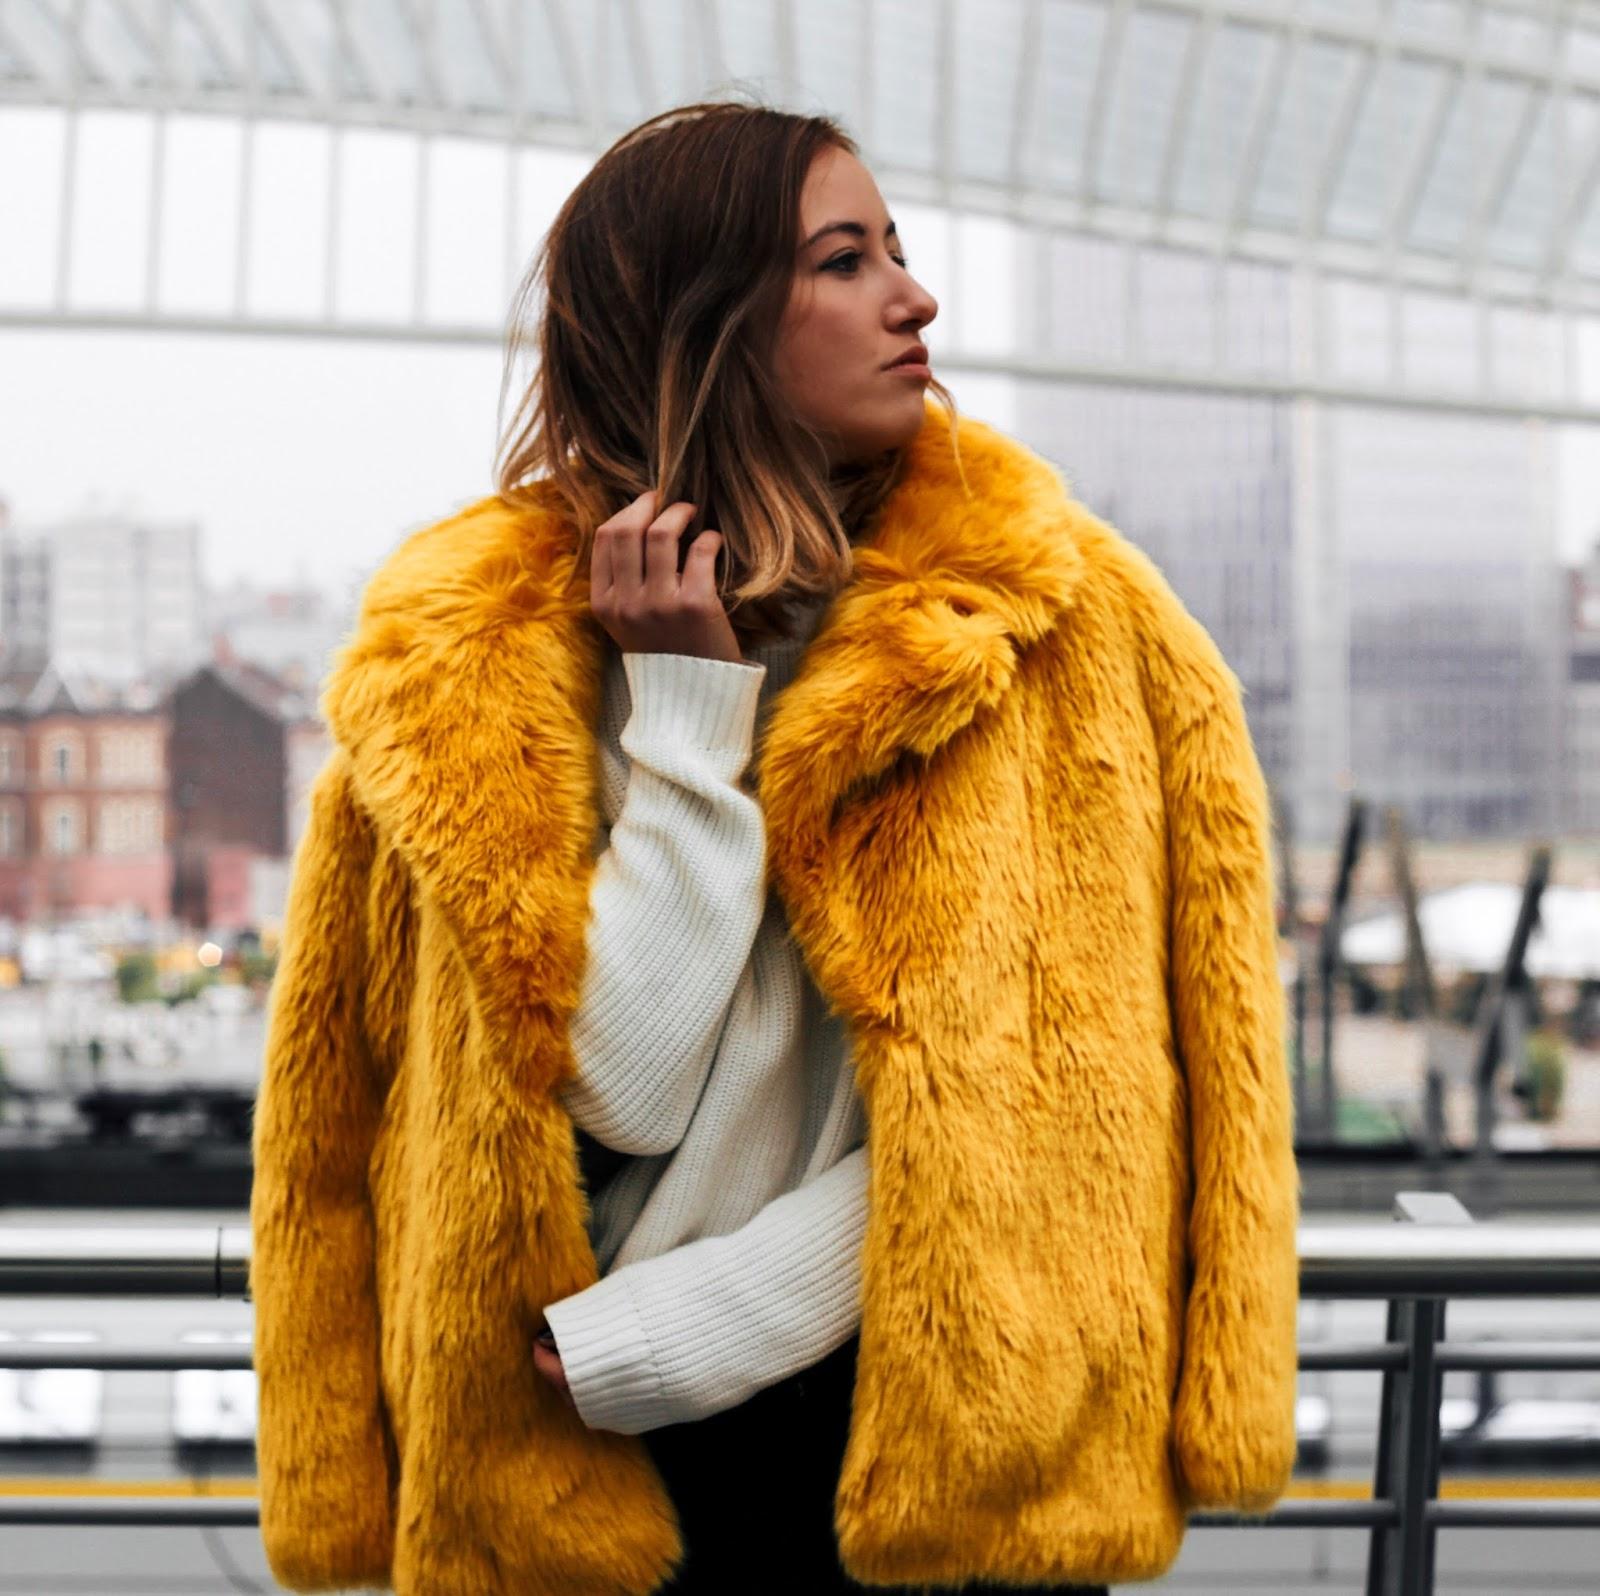 Veste jaune a la mode